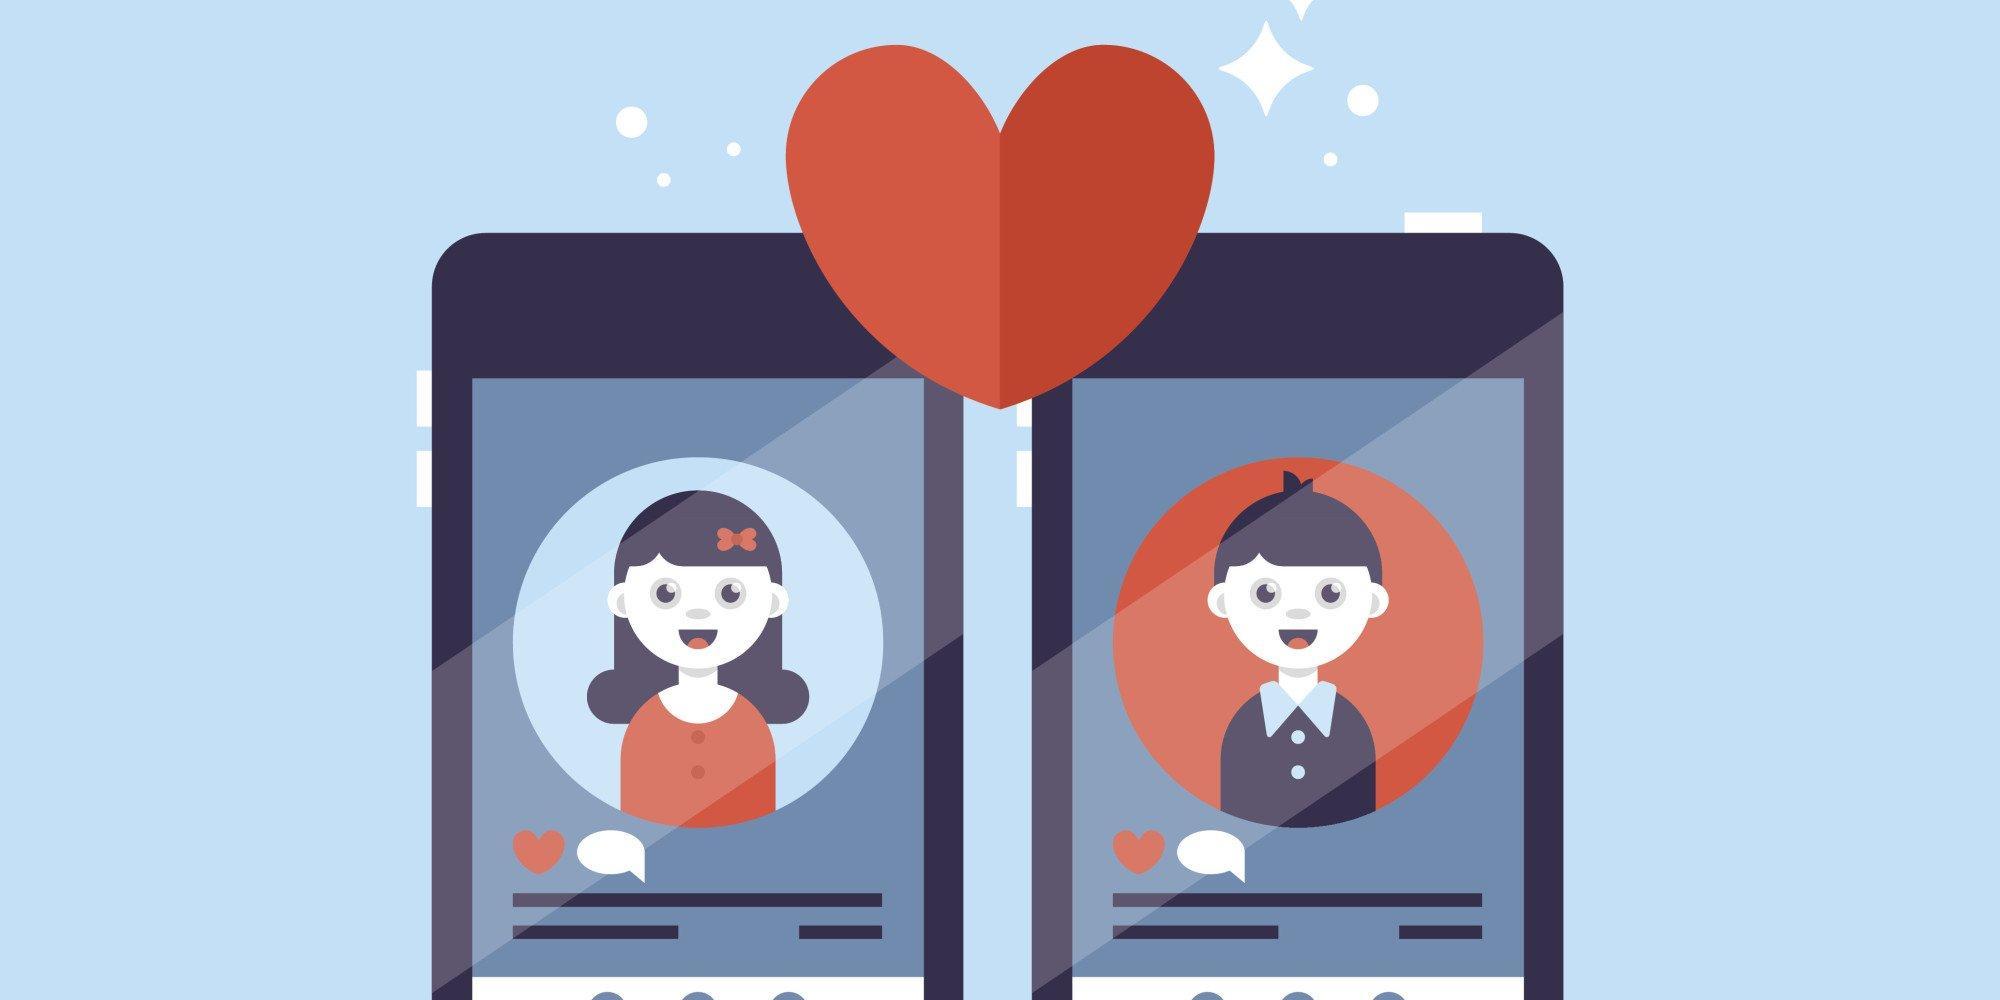 Altro che Tinder: la vera svolta per i cuori solitari potrebbe essere Facebook, dice Techcrunch